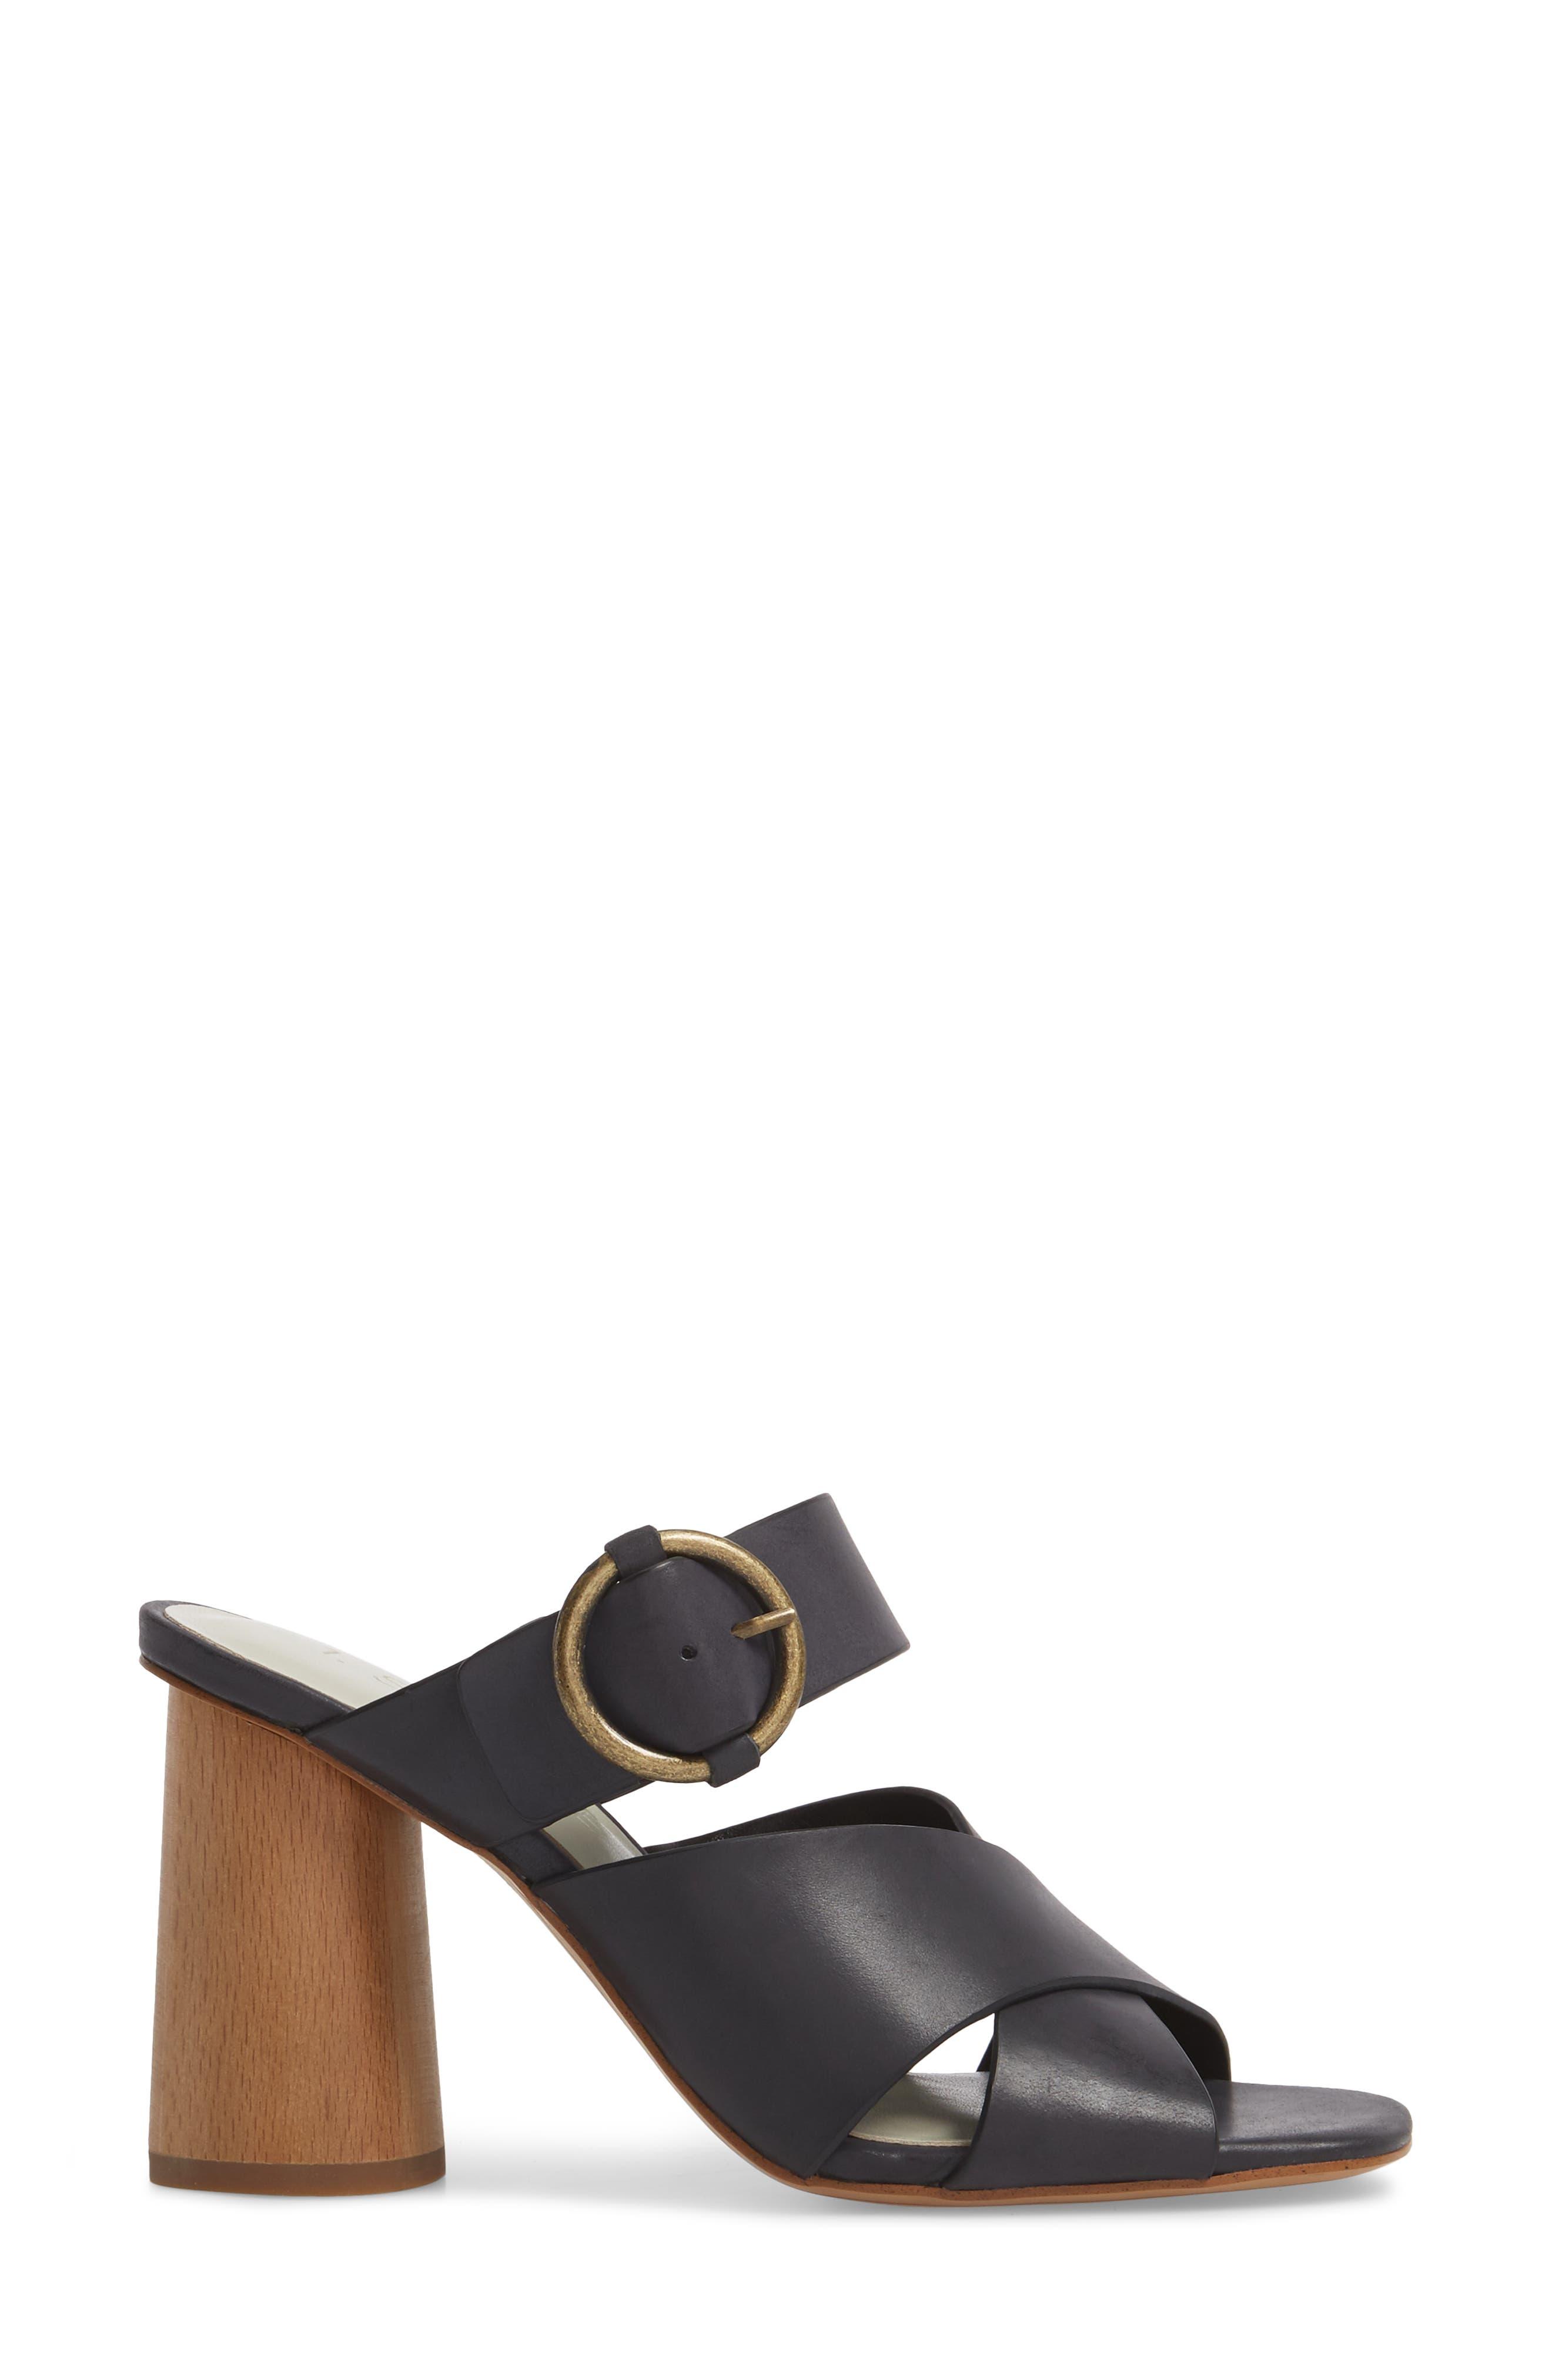 Icendra Flared Heel Mule Sandal,                             Alternate thumbnail 3, color,                             BLACK LEATHER